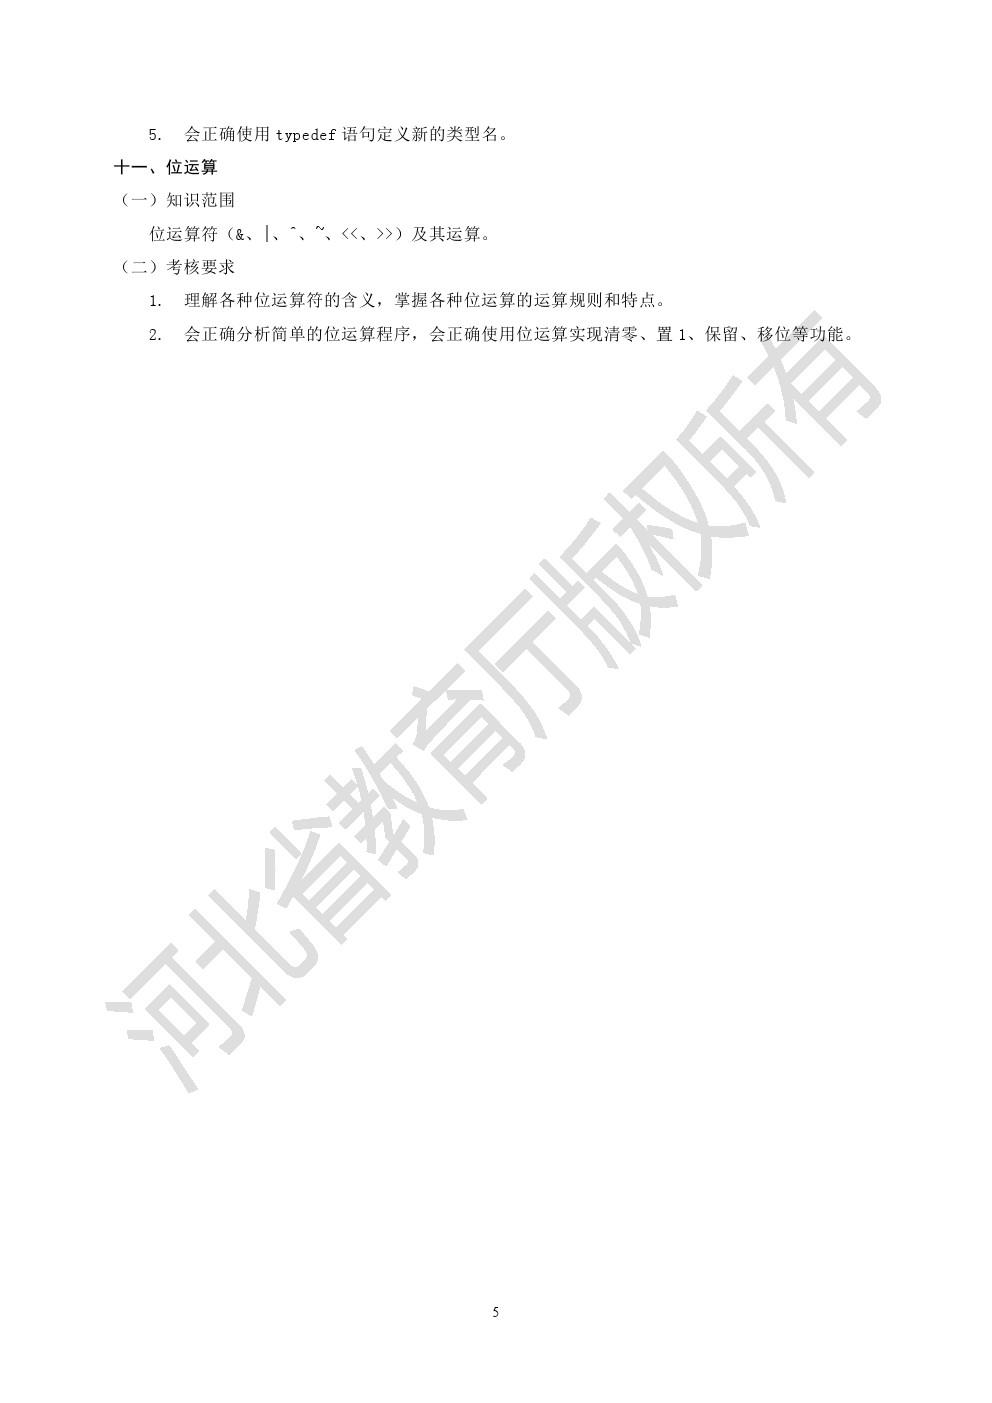 2020年河北省专接本考试理工类-计算机科学与技术、软件工程、数字媒体技术、网络工程、物联网工程专业考试说明(C语言程序设计、微机原理与接口含汇编语言)